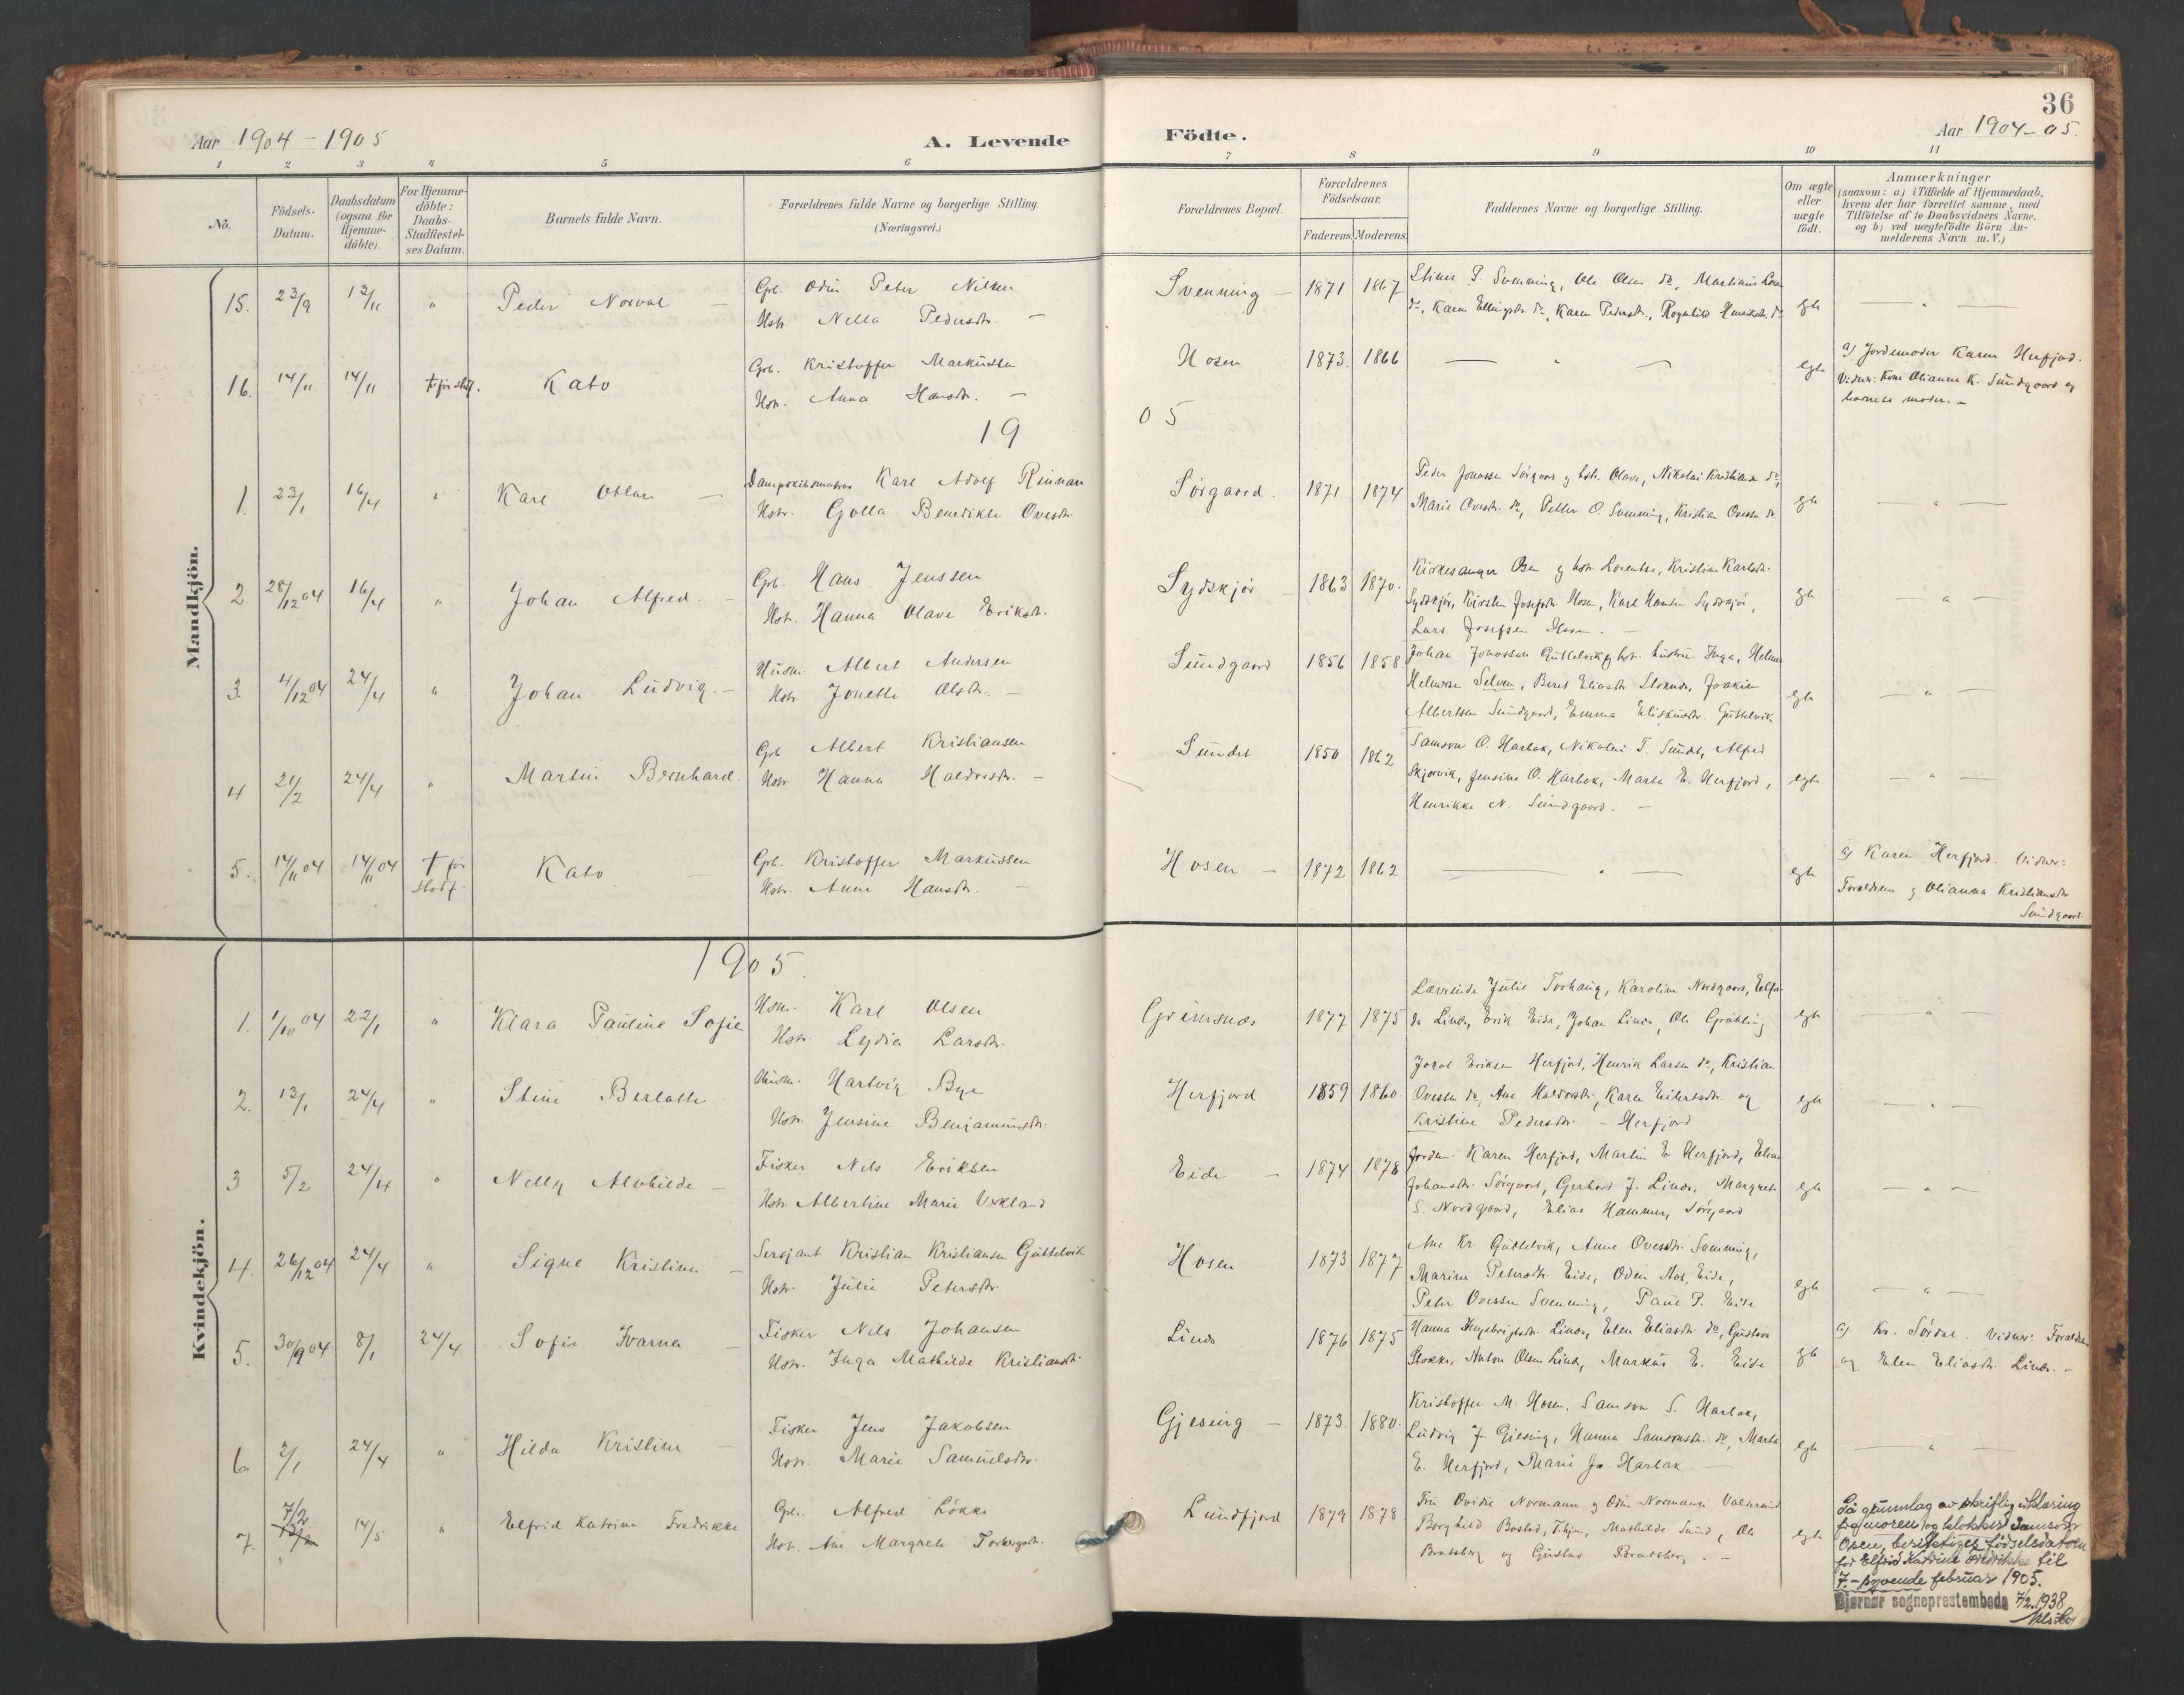 SAT, Ministerialprotokoller, klokkerbøker og fødselsregistre - Sør-Trøndelag, 656/L0693: Ministerialbok nr. 656A02, 1894-1913, s. 36